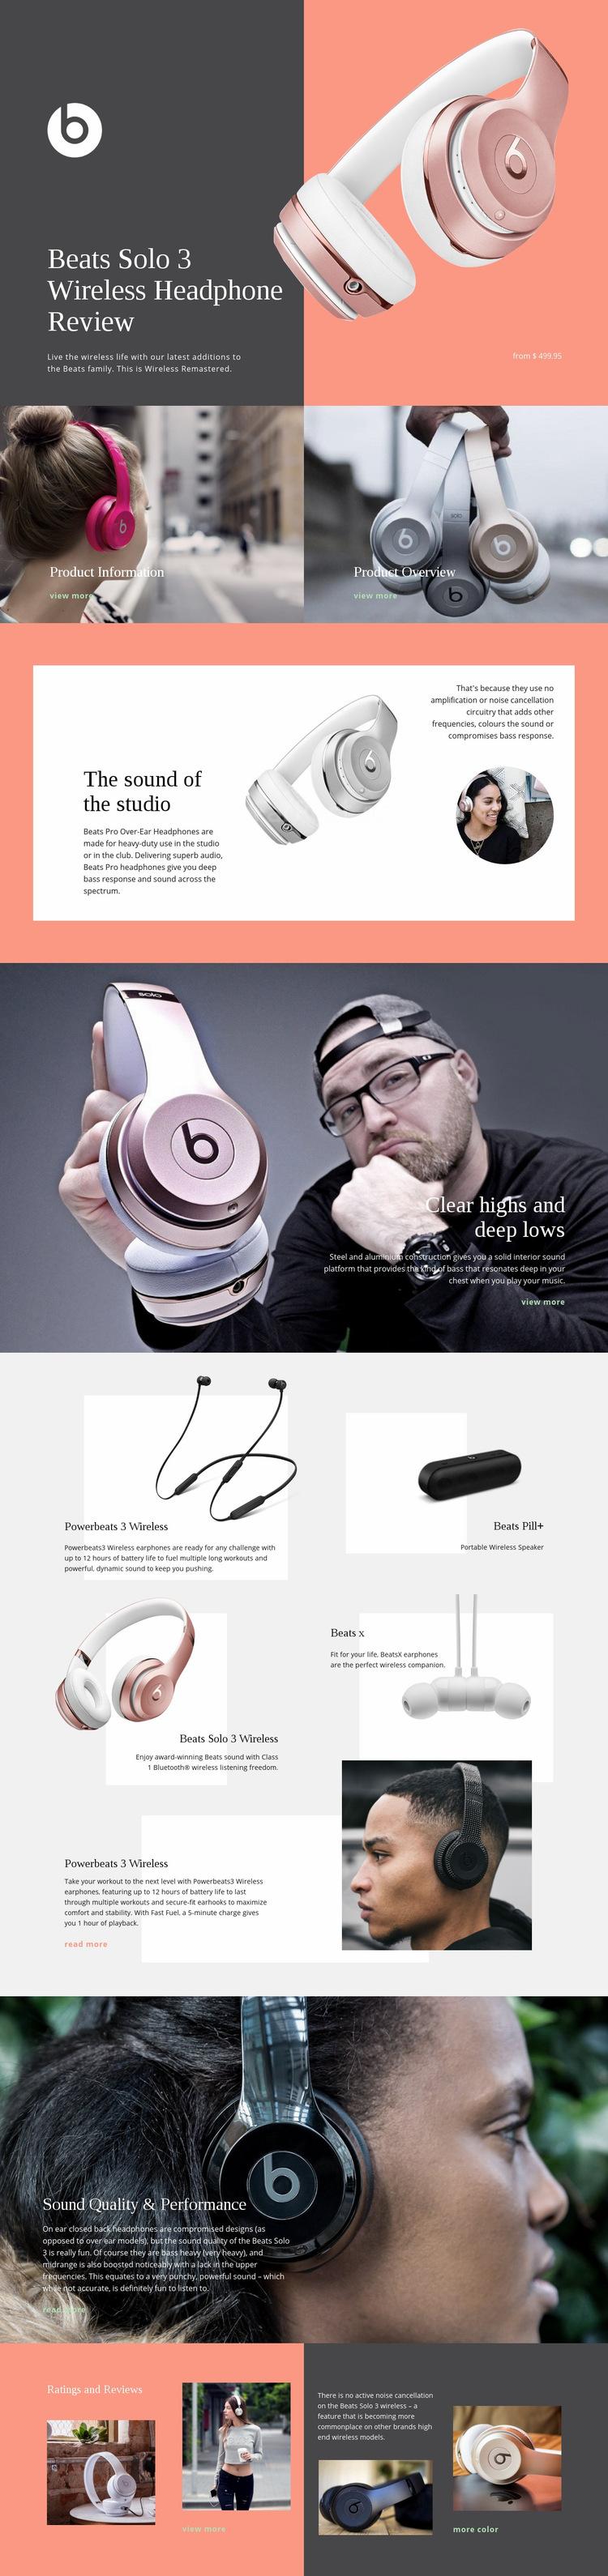 Beats Wireless Web Page Design